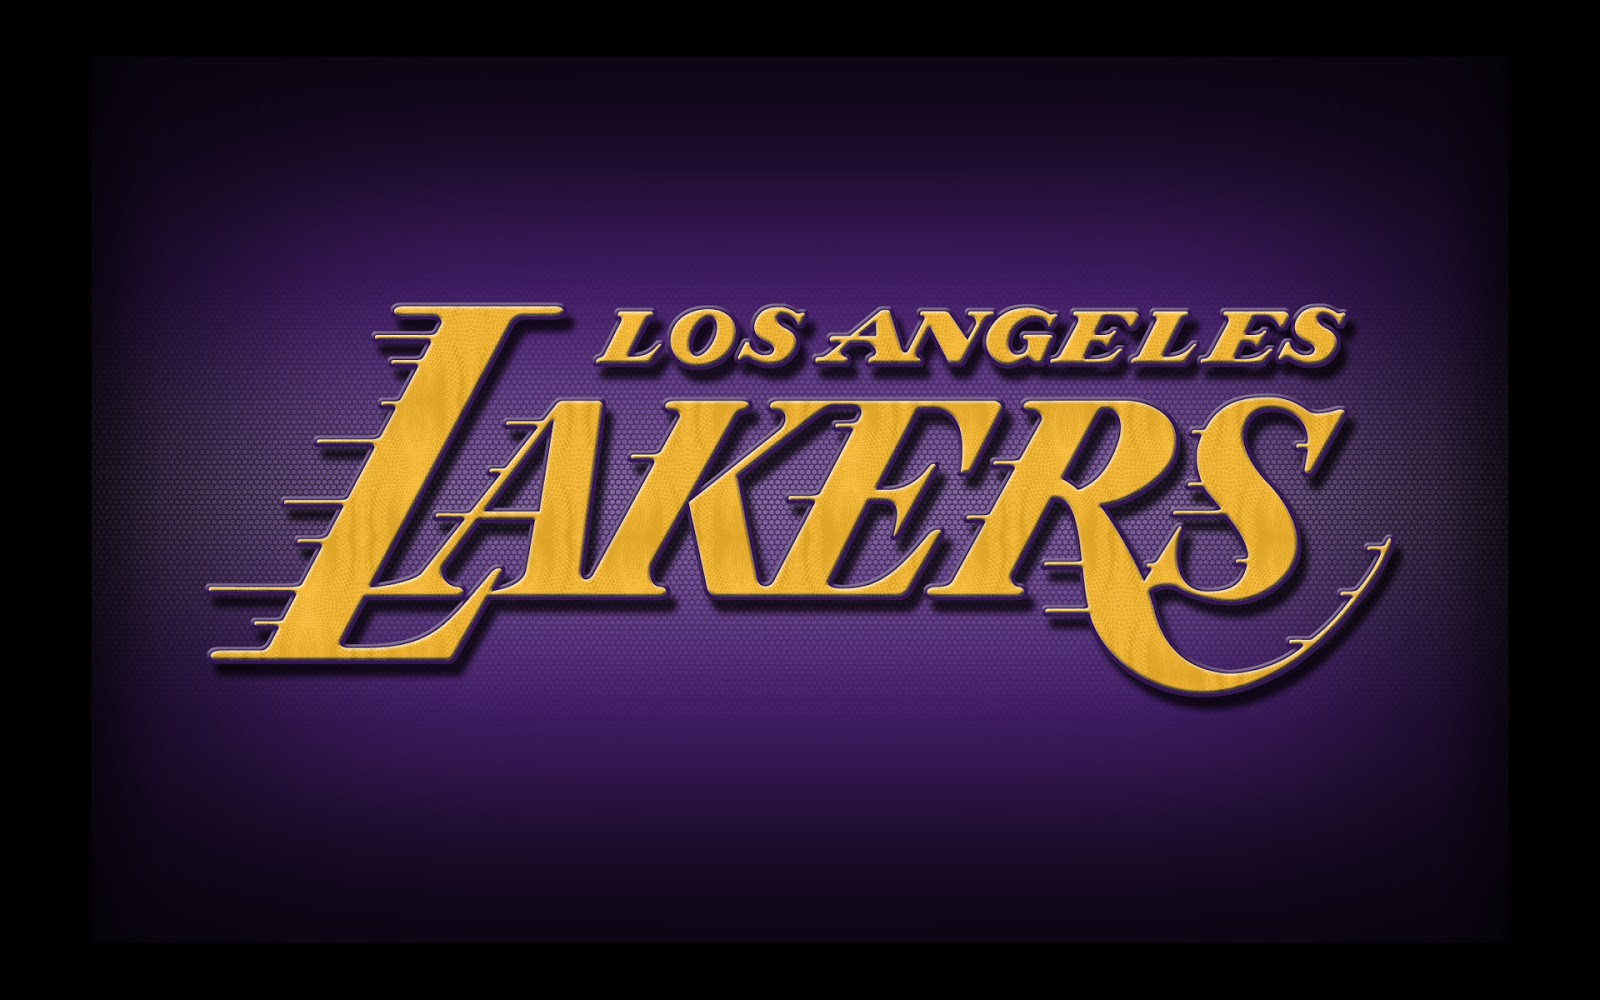 [47+] Los Angeles Lakers Logo Wallpaper on WallpaperSafari